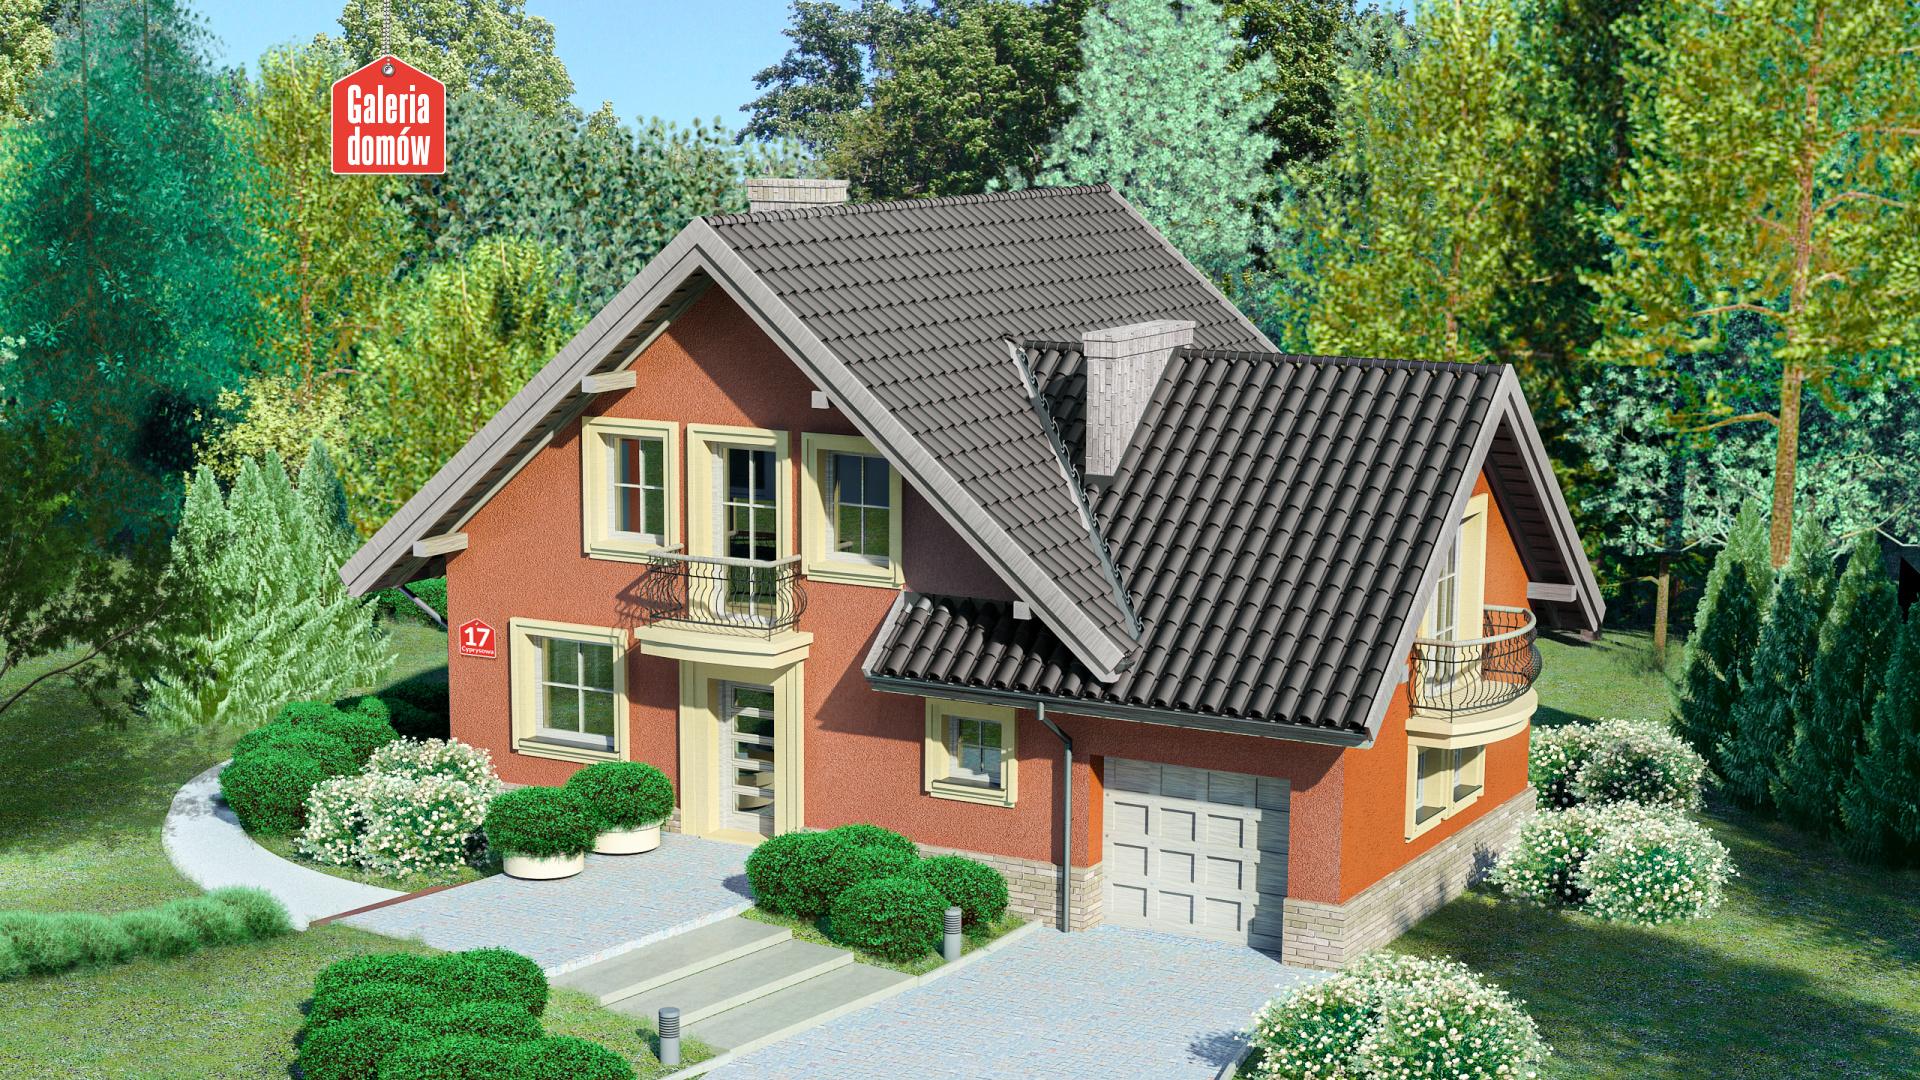 Dom przy Cyprysowej 17 - zdjęcie projektu i wizualizacja